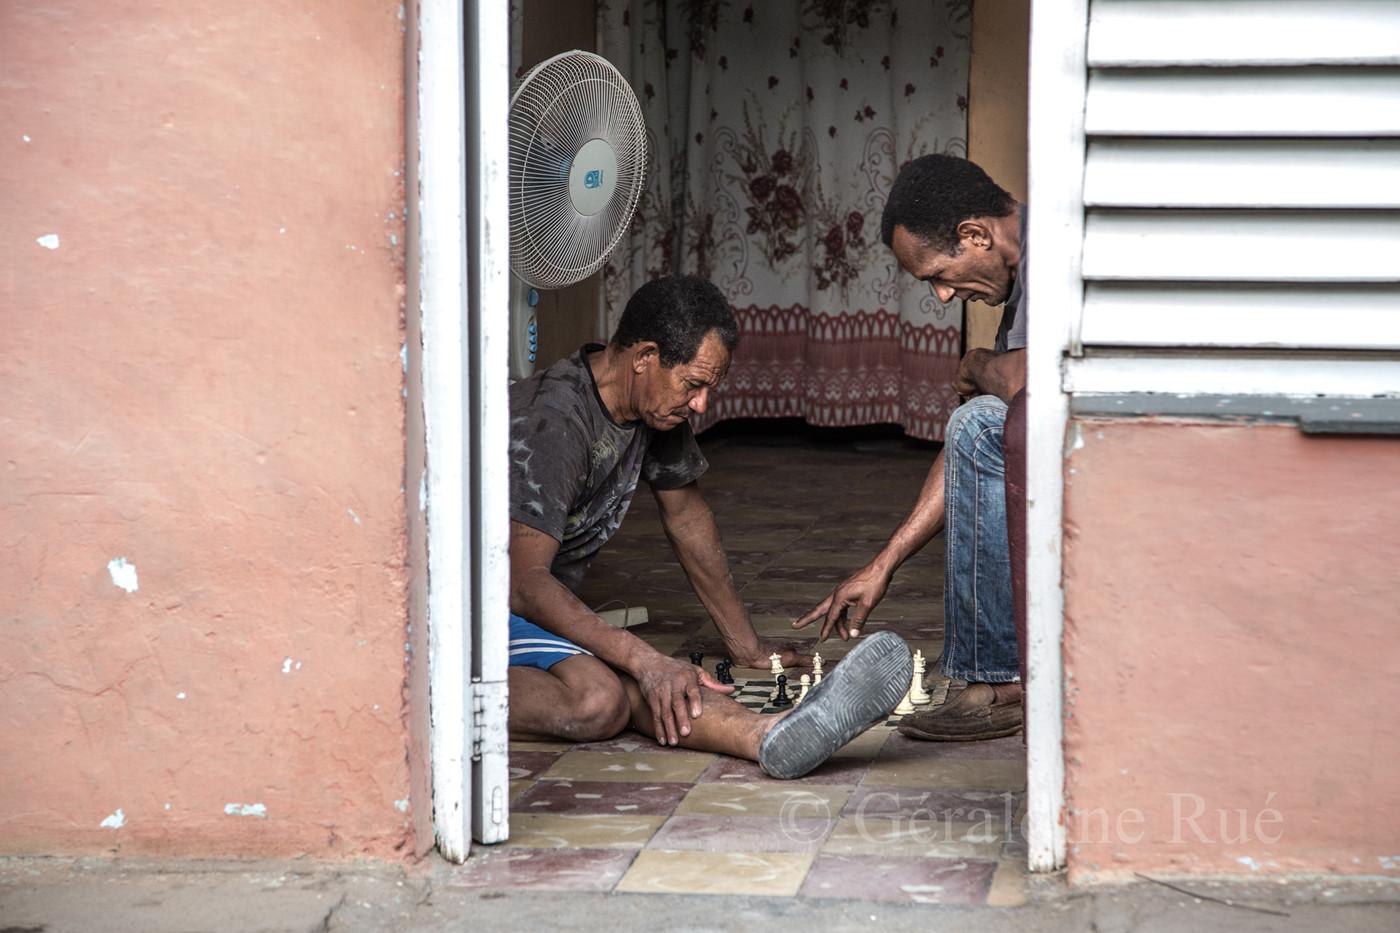 Cuba0644© Géraldine Rué.jpg